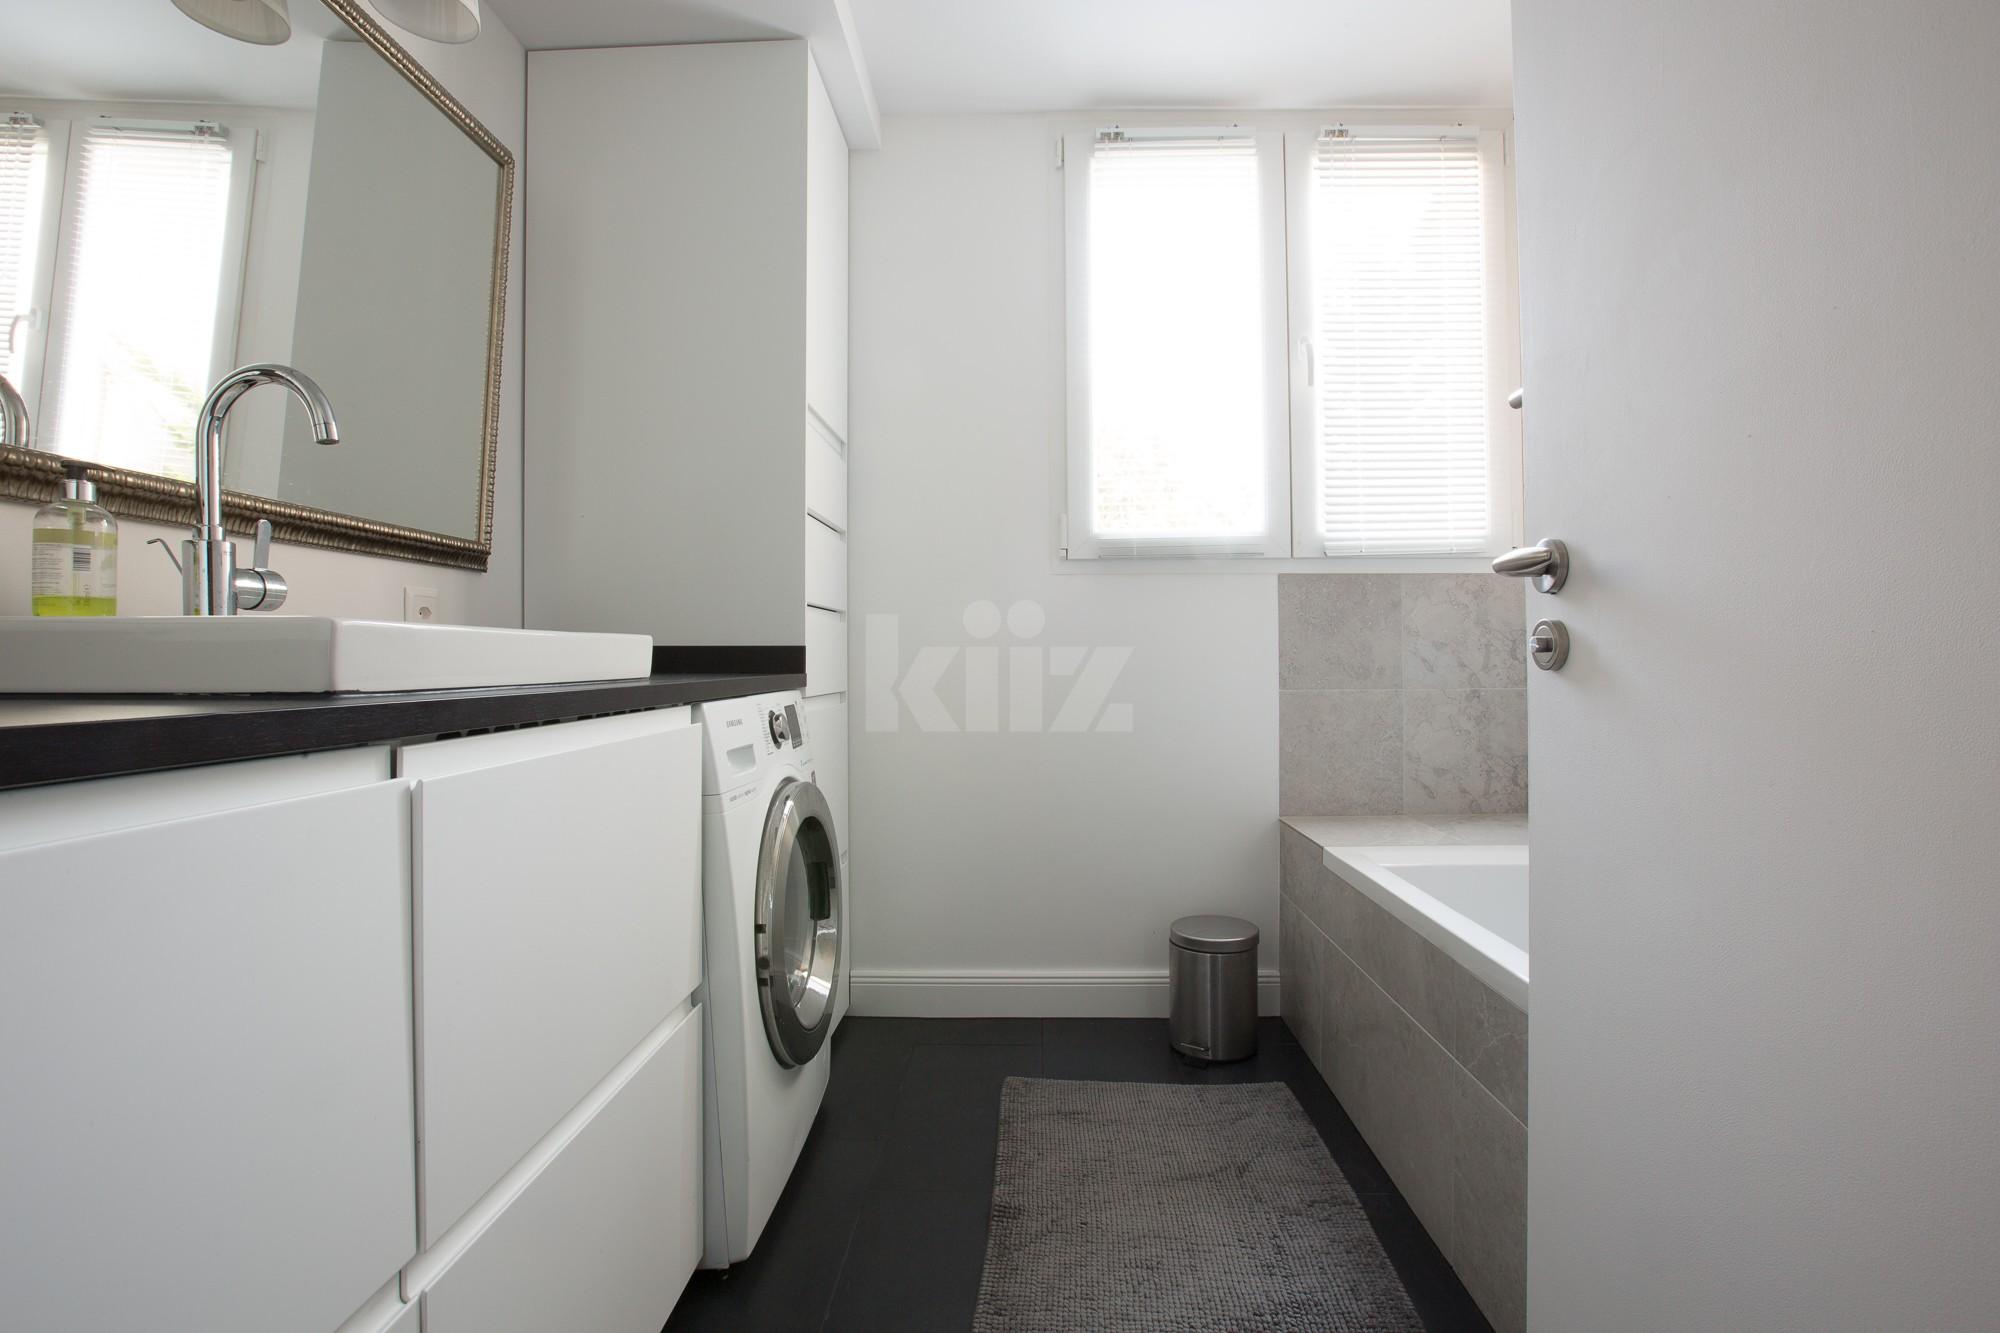 VENDU! Splendide appartement entièrement rénové avec goût - 8